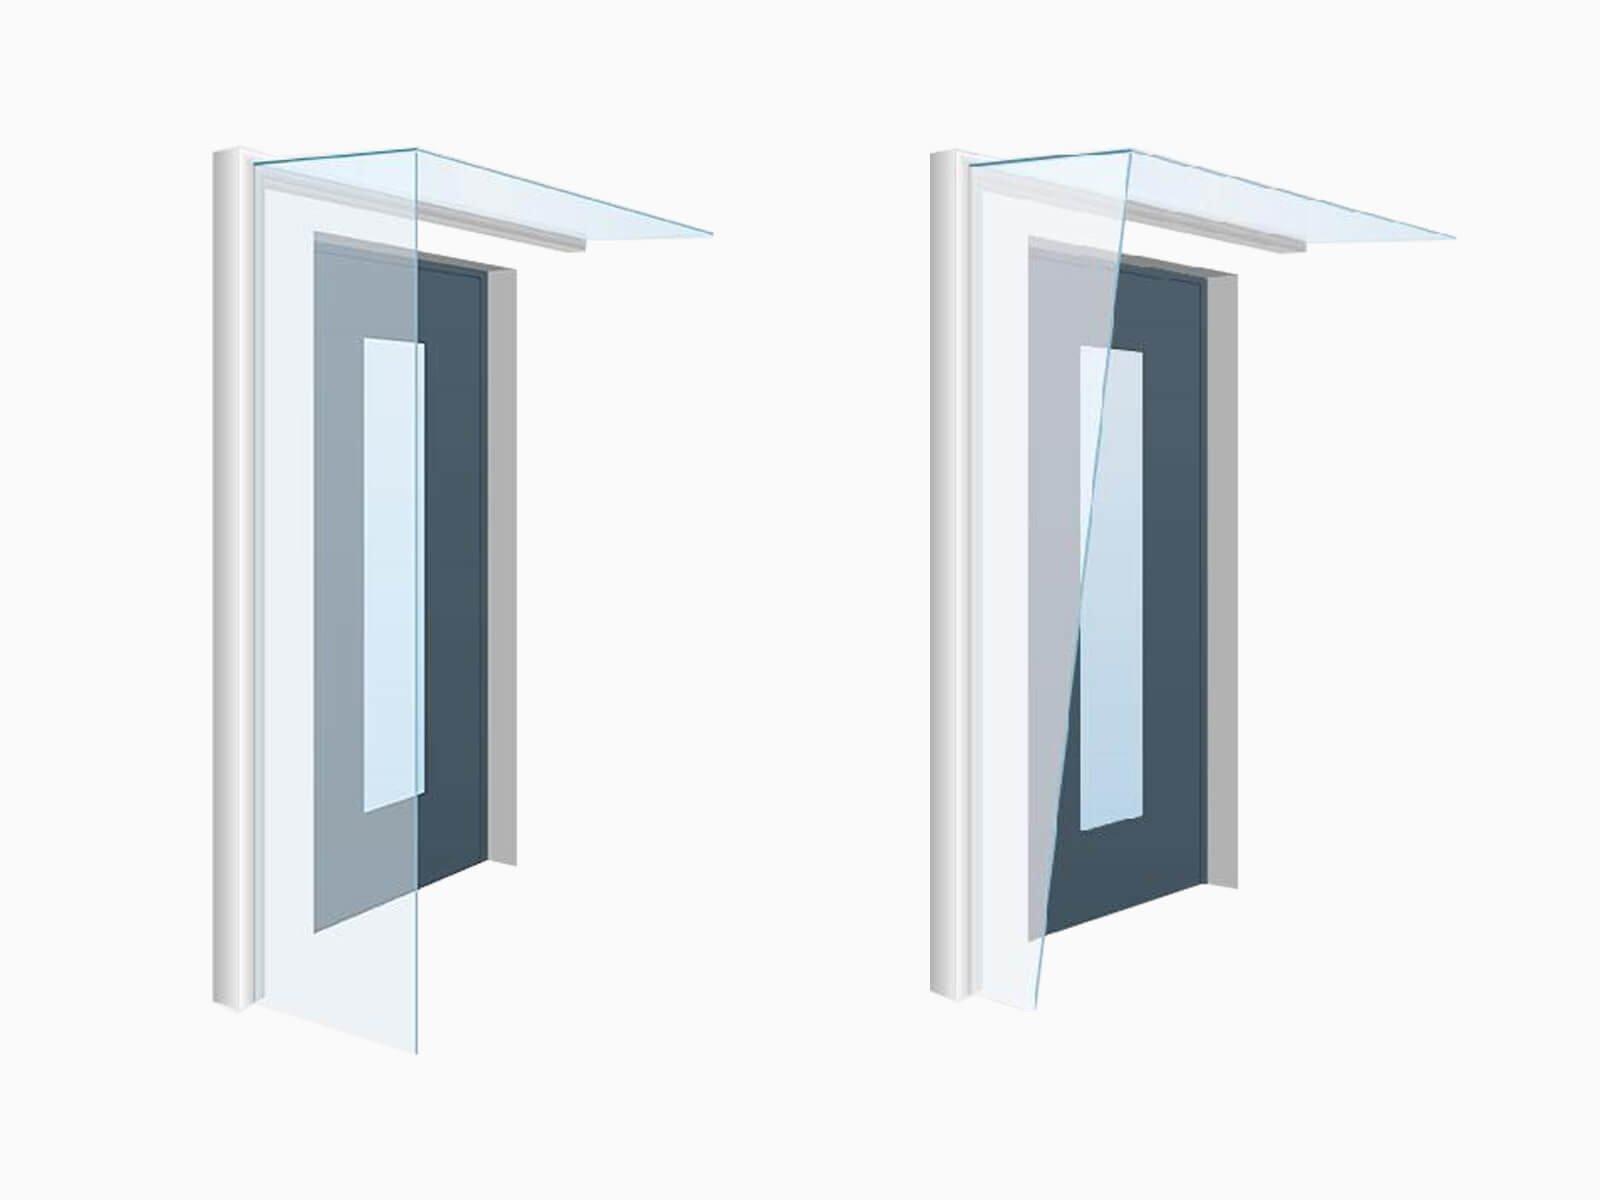 Vordach mit Seitenwand mit und ohne Schräge